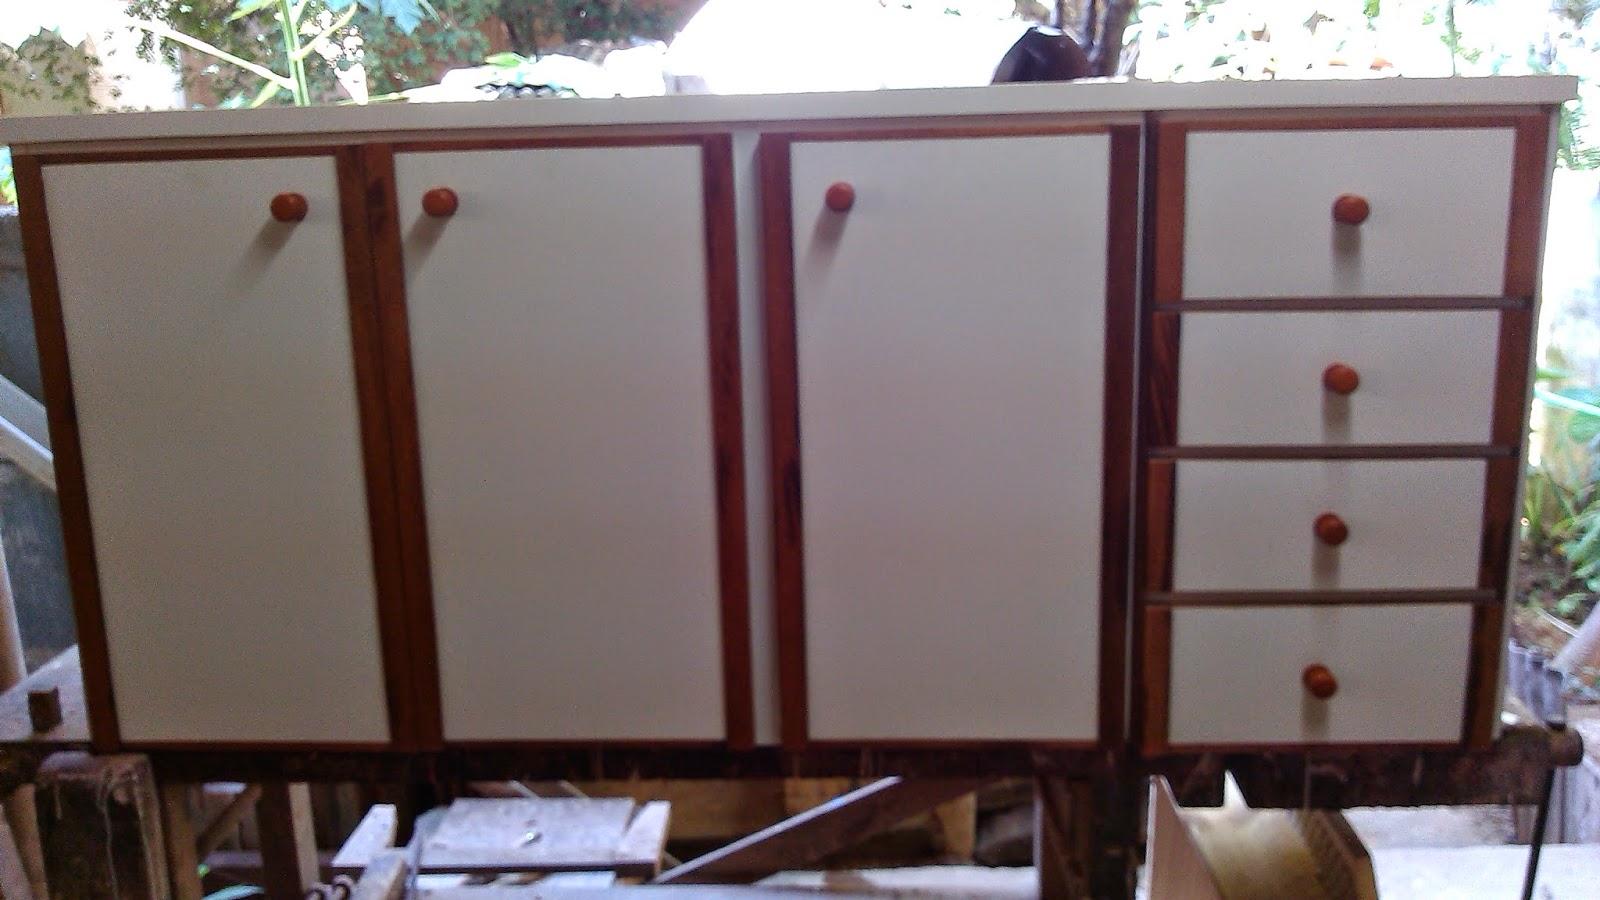 detalhes em madeira gavetas também em formica branca com madeira #447088 1600x900